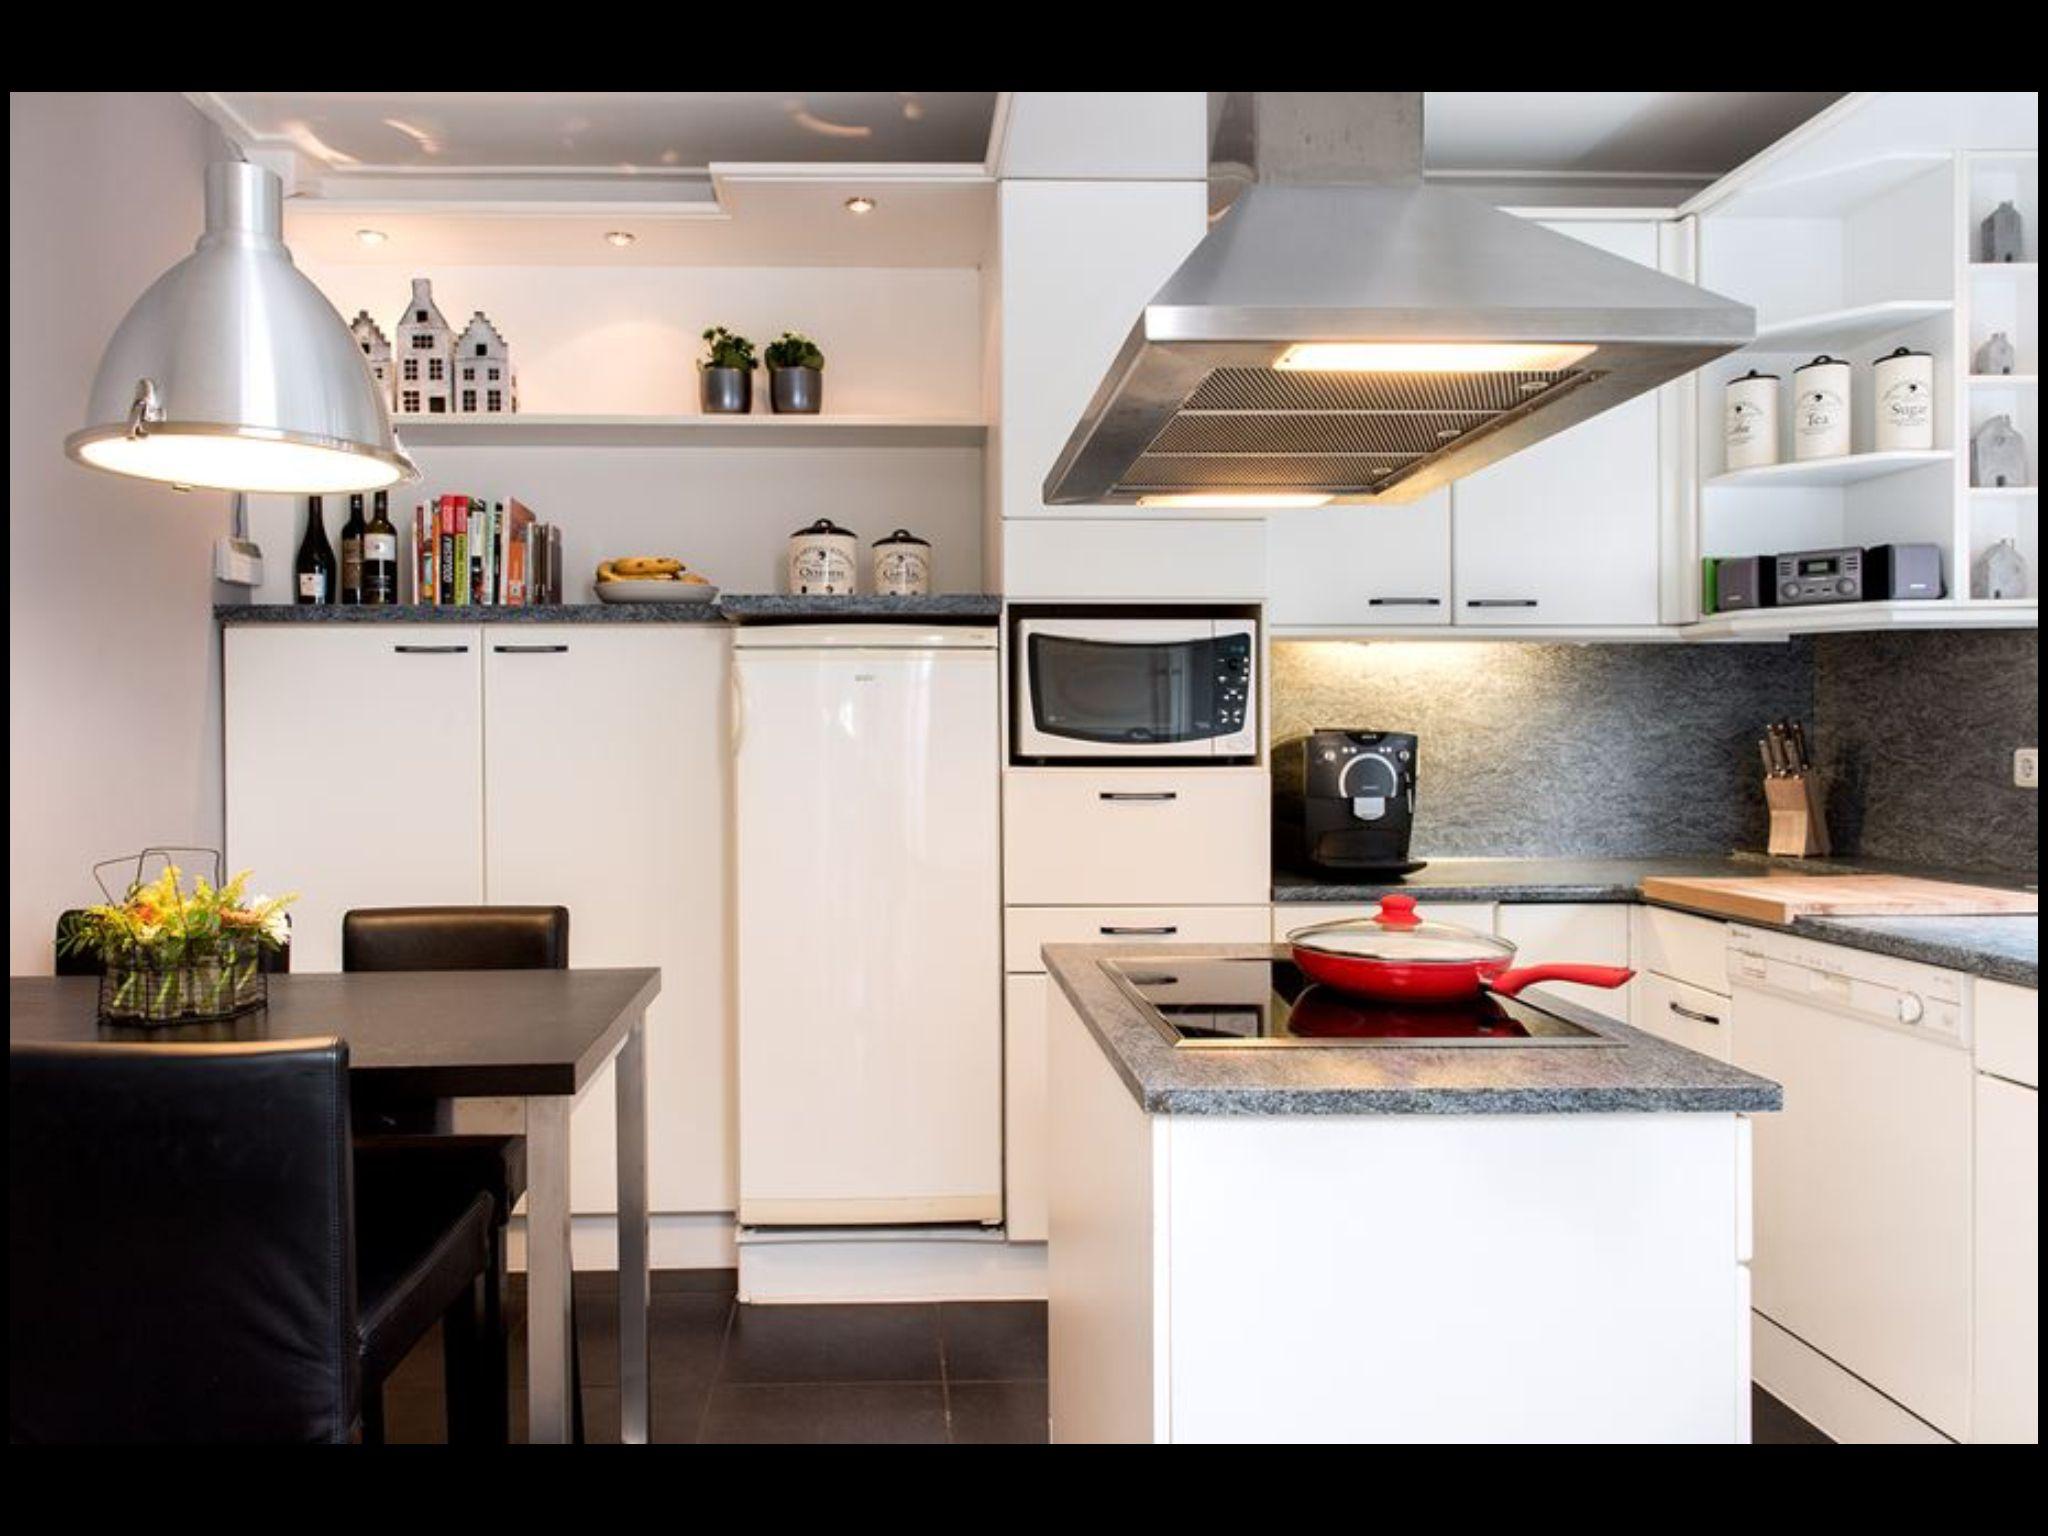 Keuken magnetron en koelkast gaan weg geen oven spotjes prima